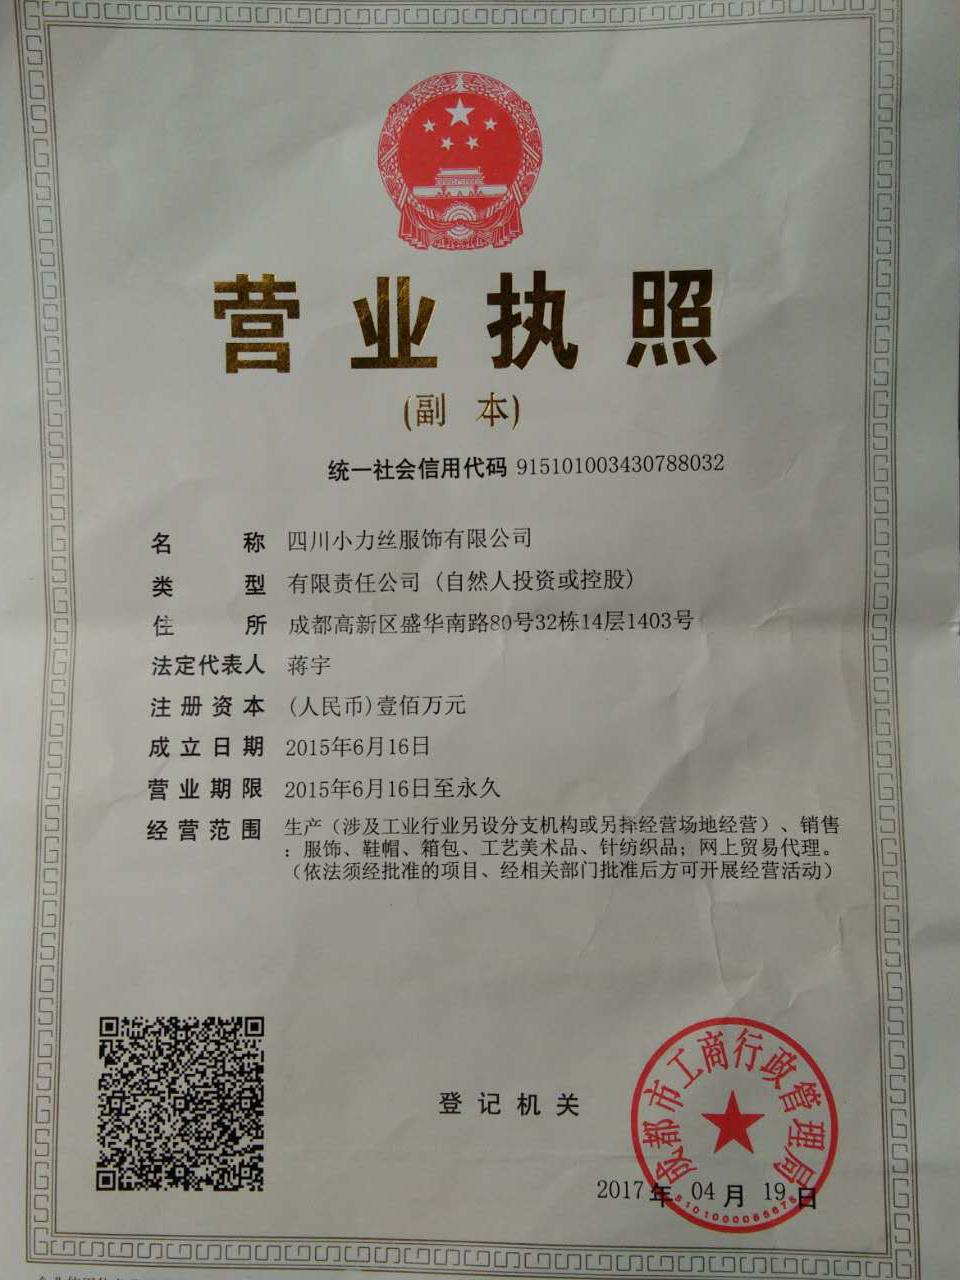 四川小力丝服饰有限公司企业档案